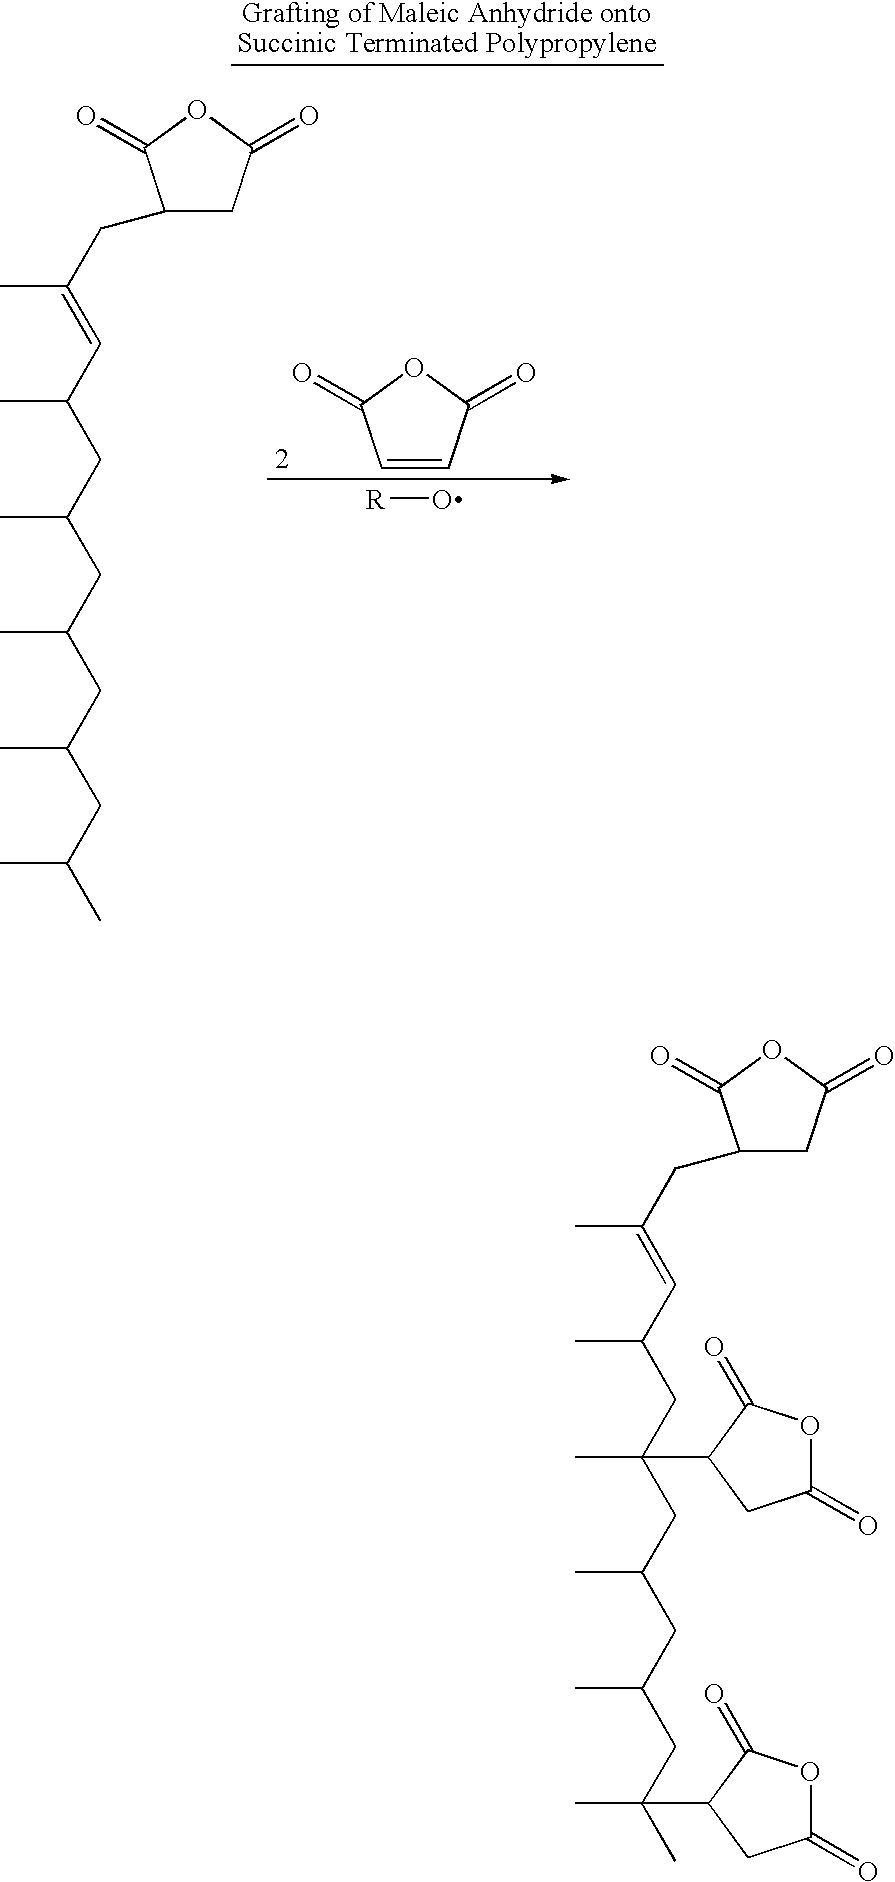 Figure US07183359-20070227-C00004